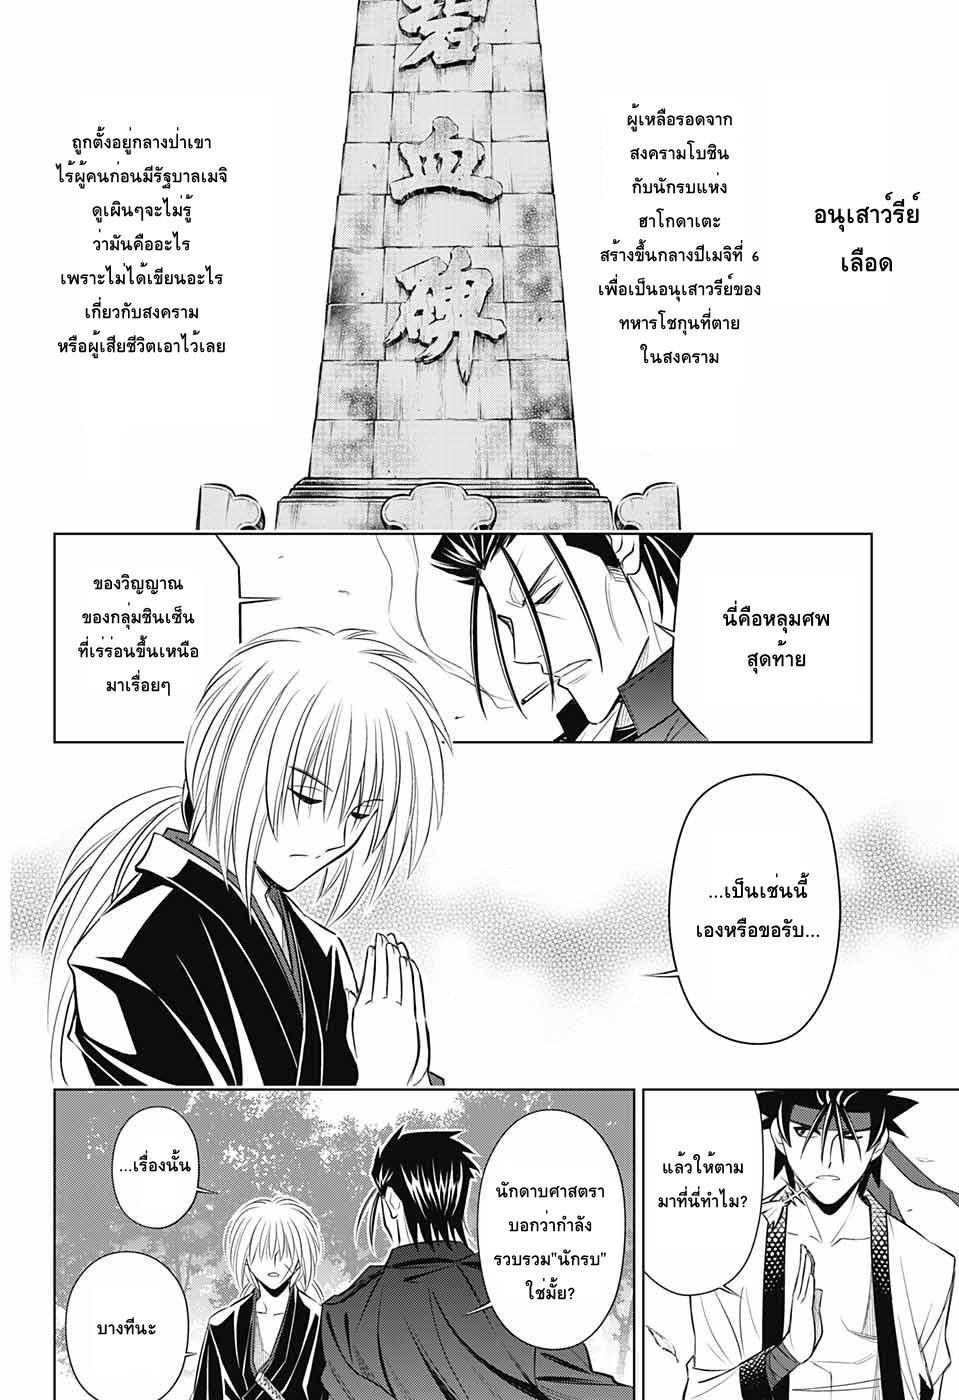 อ่านการ์ตูน Rurouni Kenshin: Hokkaido Arc ตอนที่ 13 หน้าที่ 22